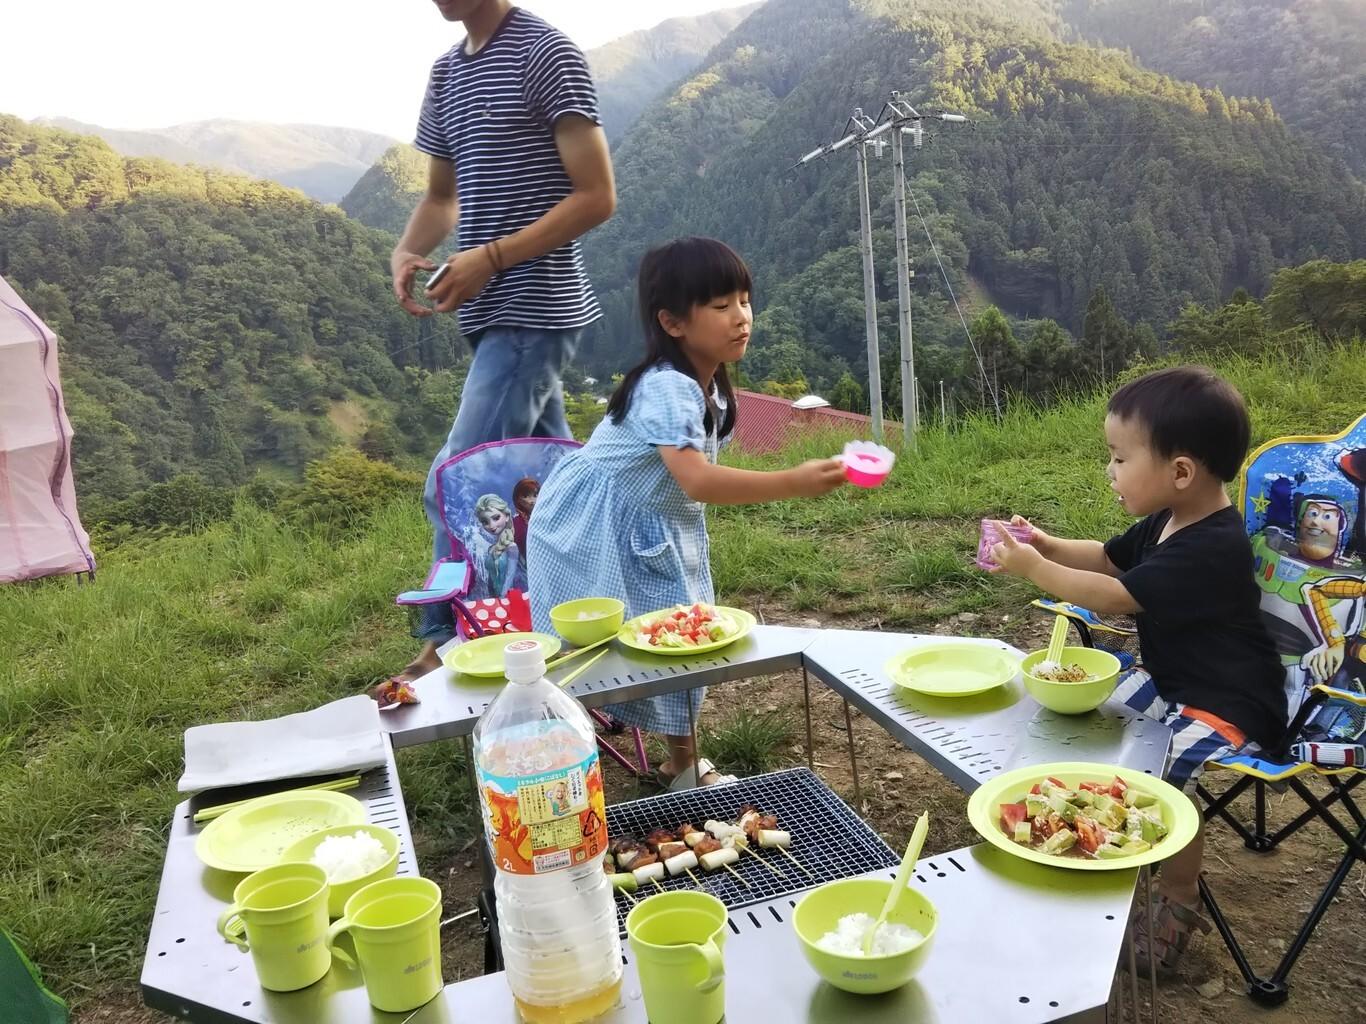 天滝公園キャンプ場 の写真p9367